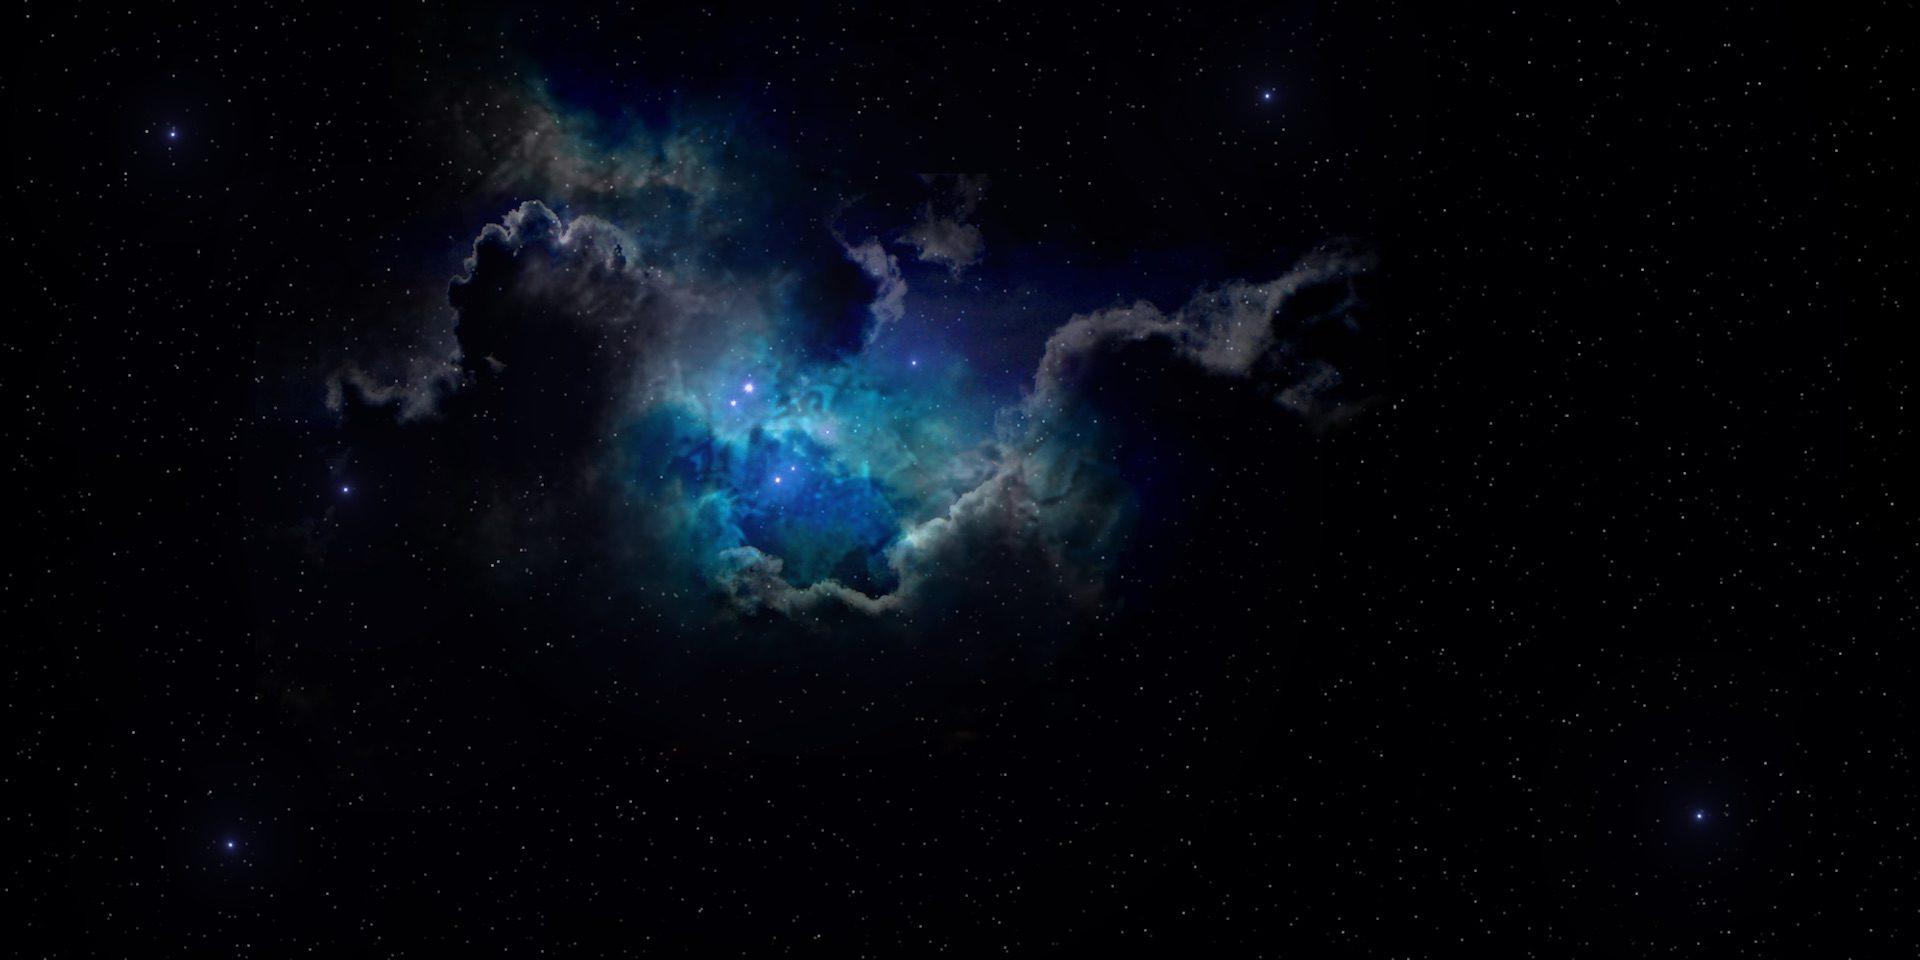 Papel De Parede Do Espa O Universo Cosmo Constela O De Estrela  -> Imagens Do Universo Para Papel De Parede